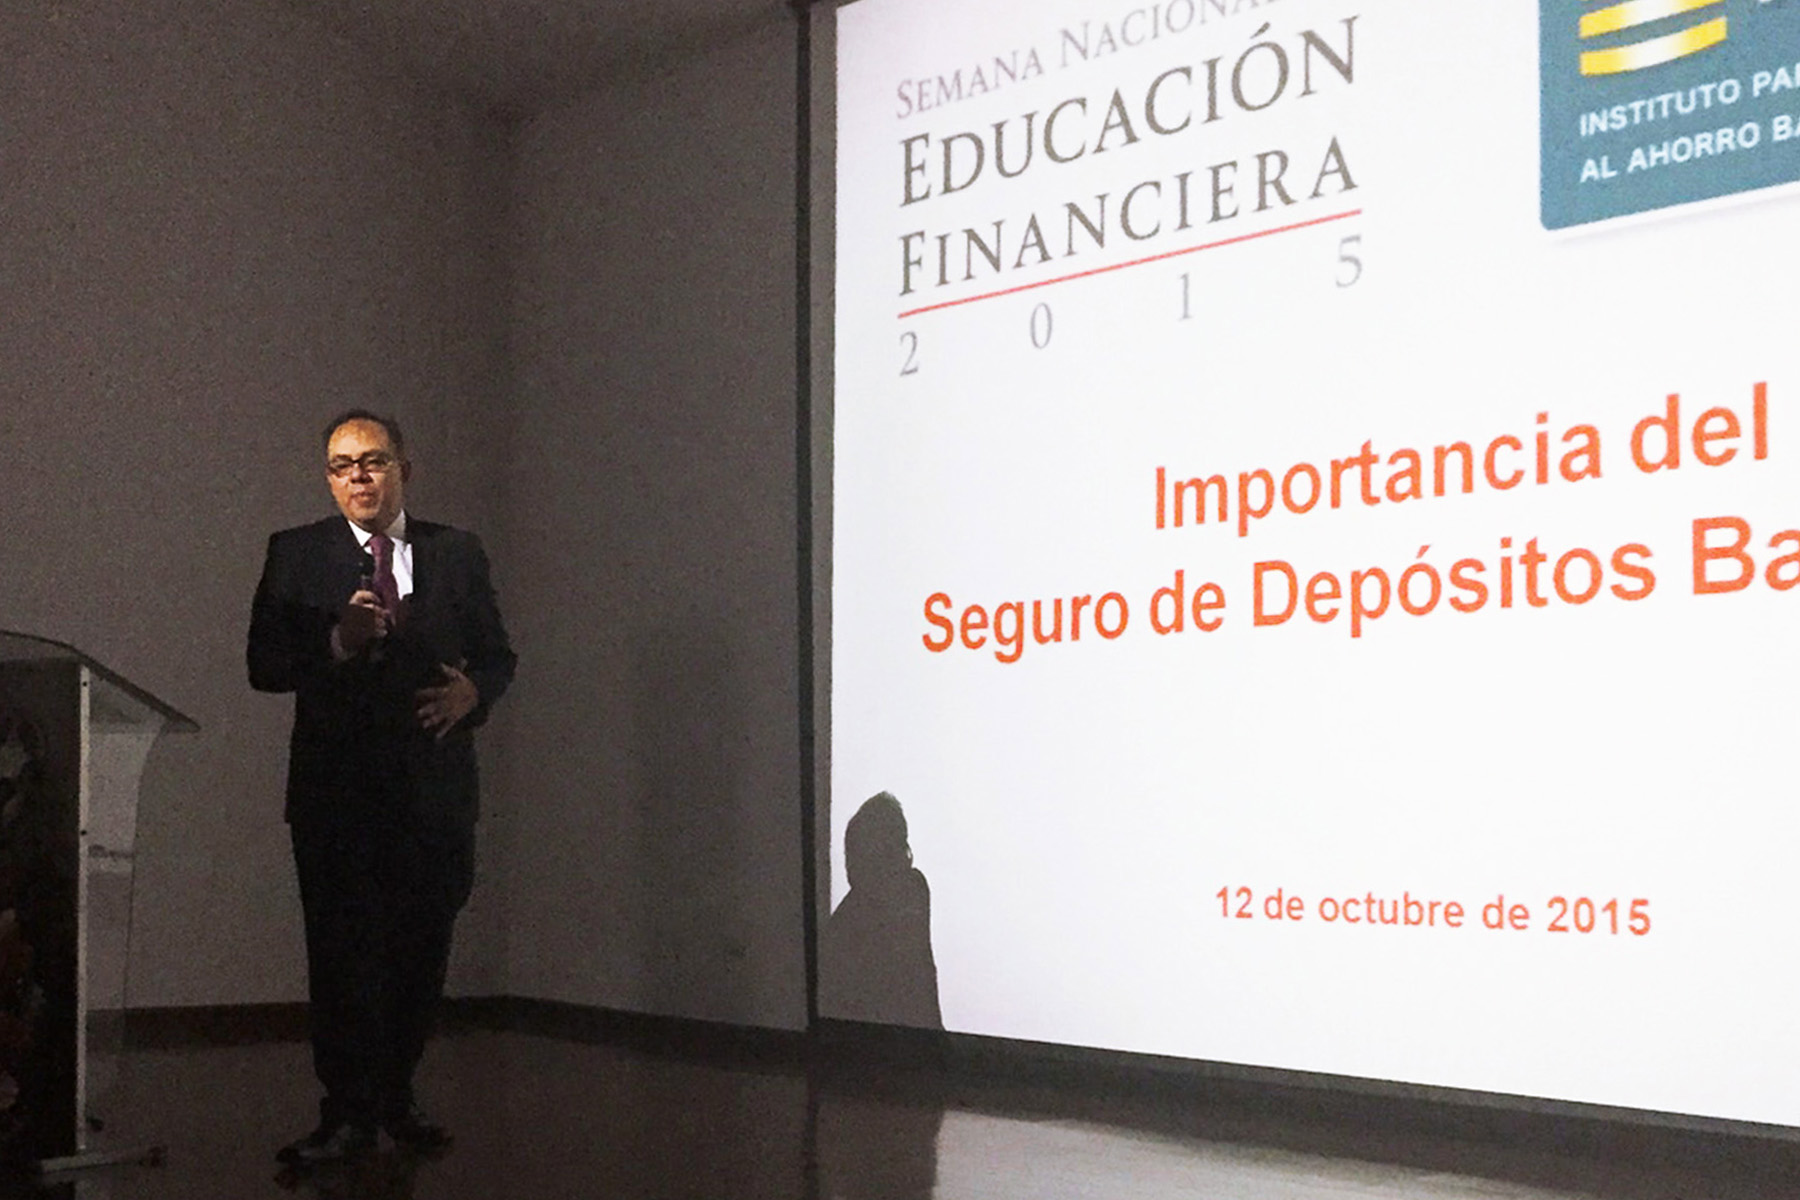 Alejandro Osorio, Director General de Comunicación Social y Relaciones Institucionales. Semana Nacional de Educación Financiera 2015, Cámara de Comercio de Chihuahua, Chih.